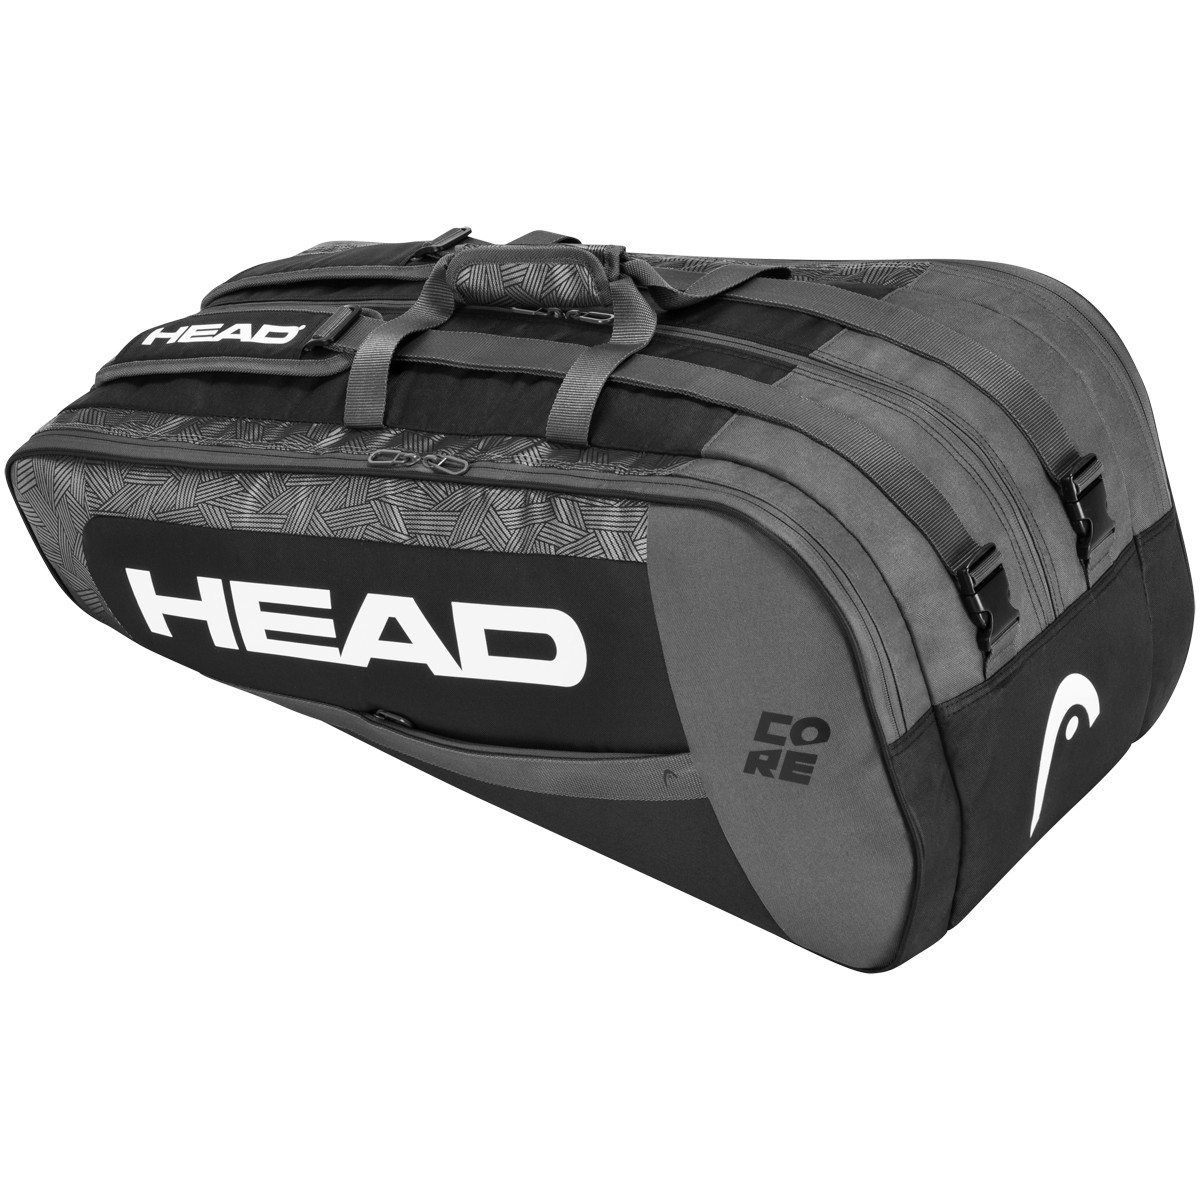 HEAD CORE SUPERCOMBI 9R TENNIS BAG